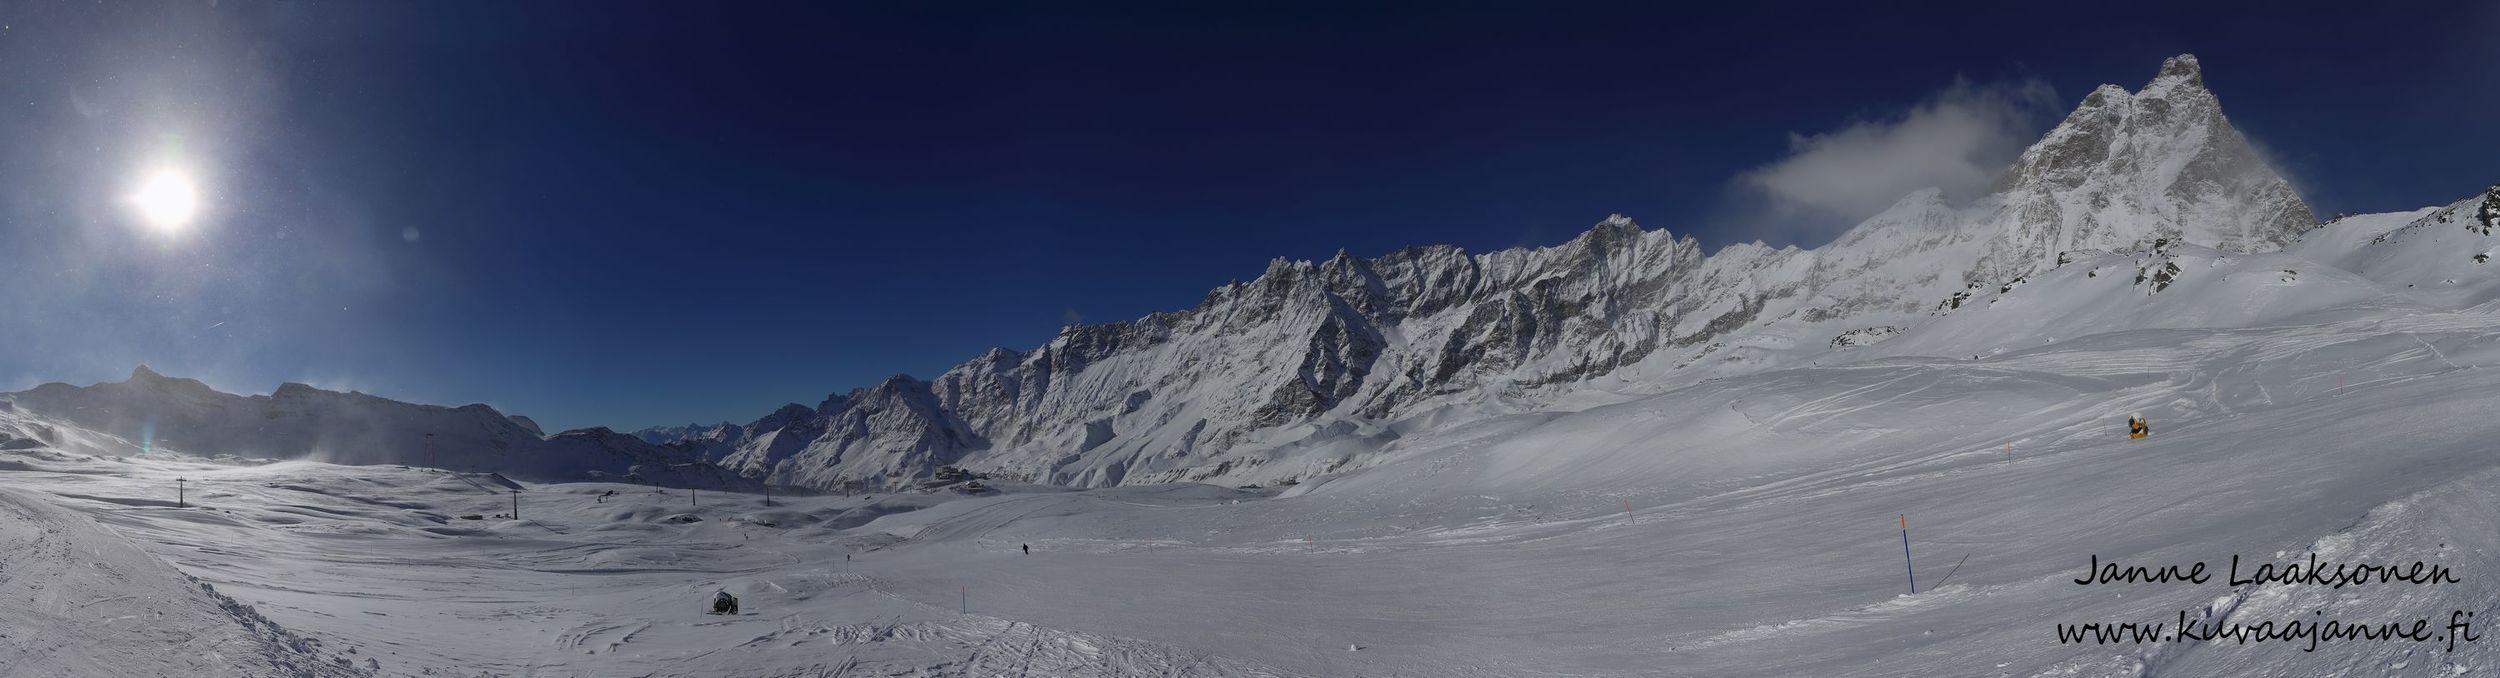 Cervinia, Matterhorn. Valokuvaaja Janne Laaksonen / KuvaaJanne Ky